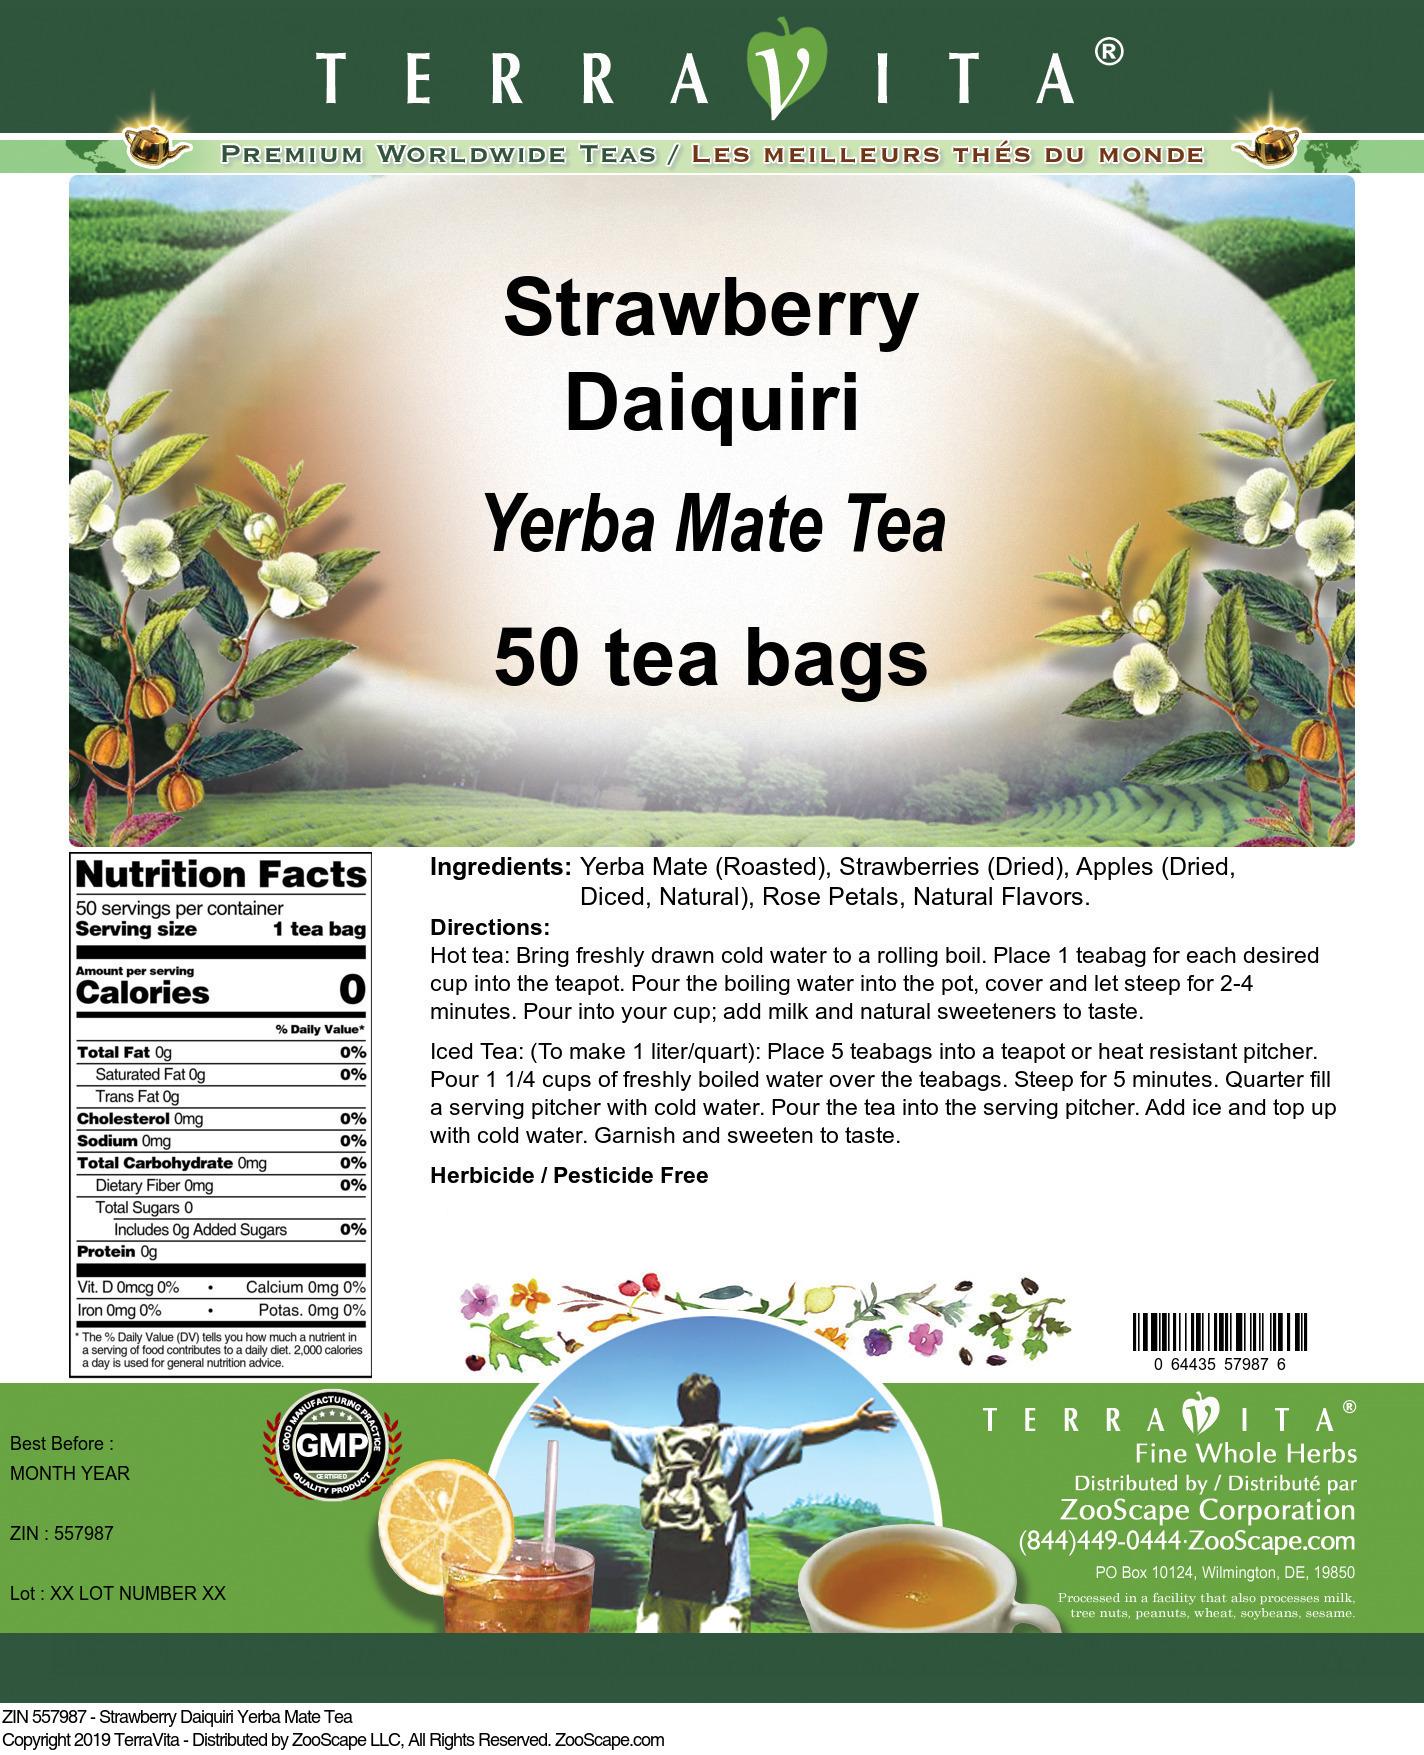 Strawberry Daiquiri Yerba Mate Tea